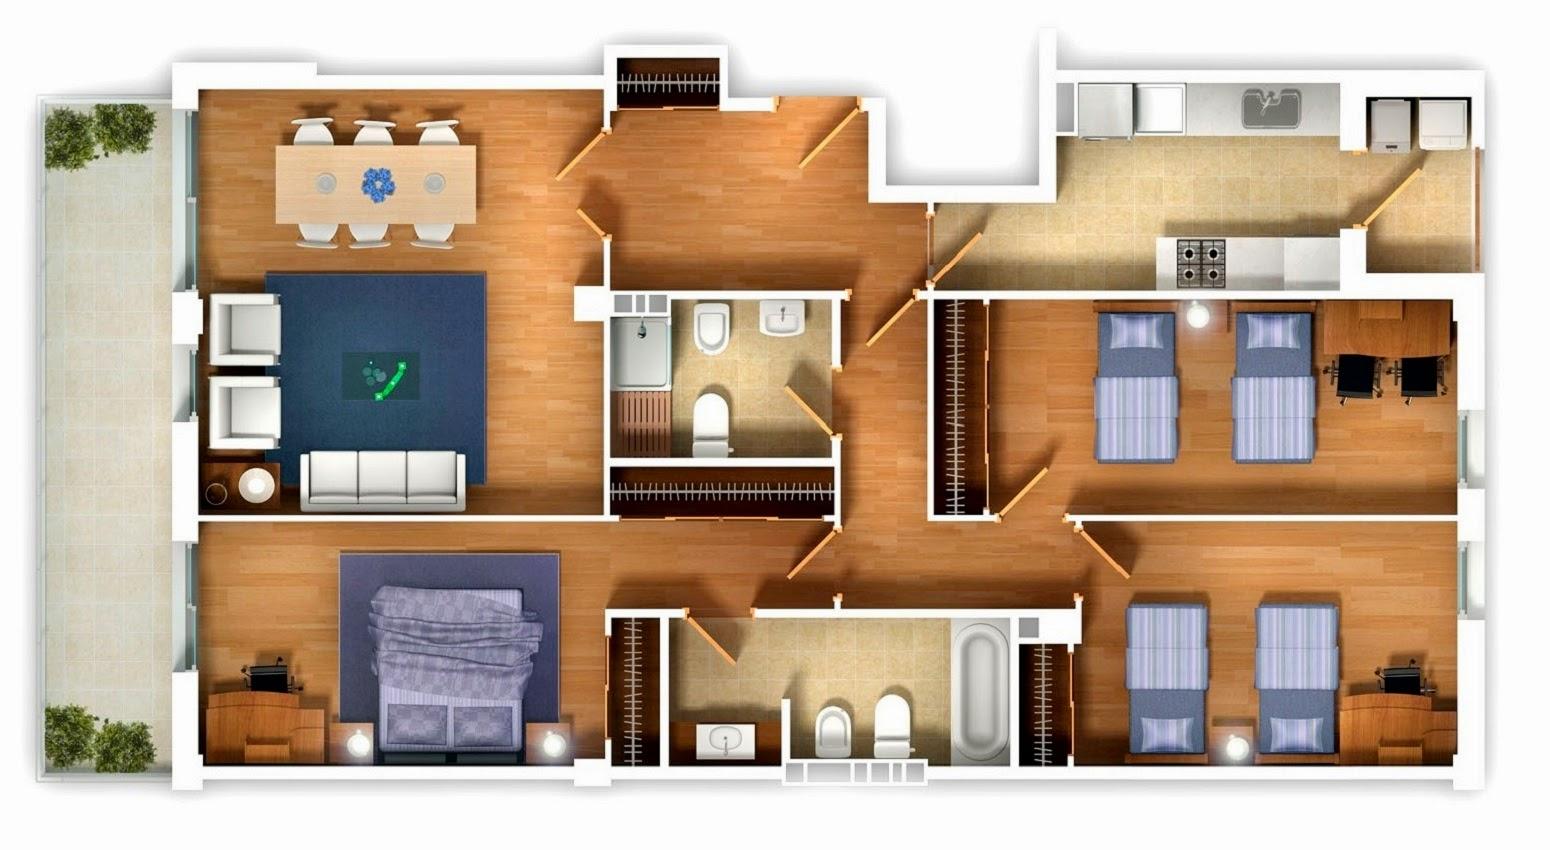 desain kamar tampak atas